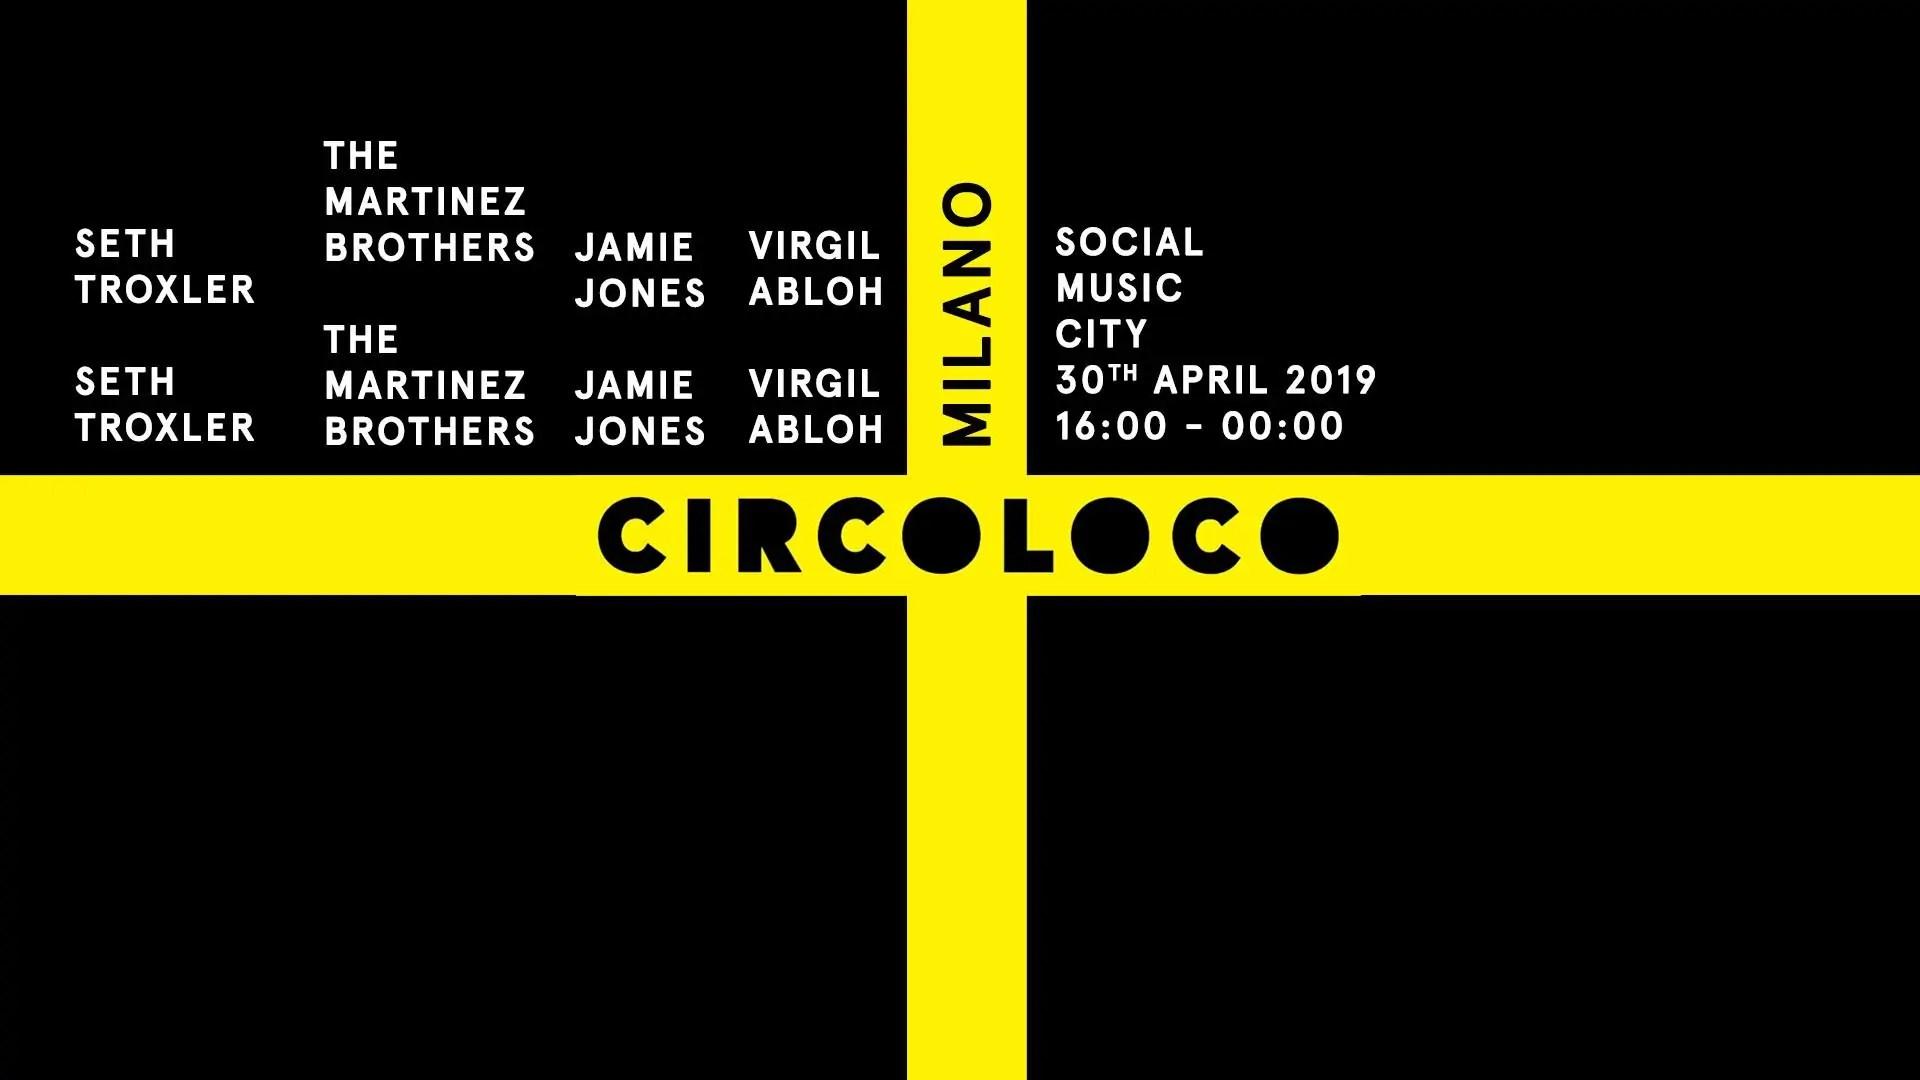 Circoloco Milano Social Music City –  30 Aprile 2019 – Ticket in prevendita Biglietti Prevendite Tavoli Pacchetti Hotel